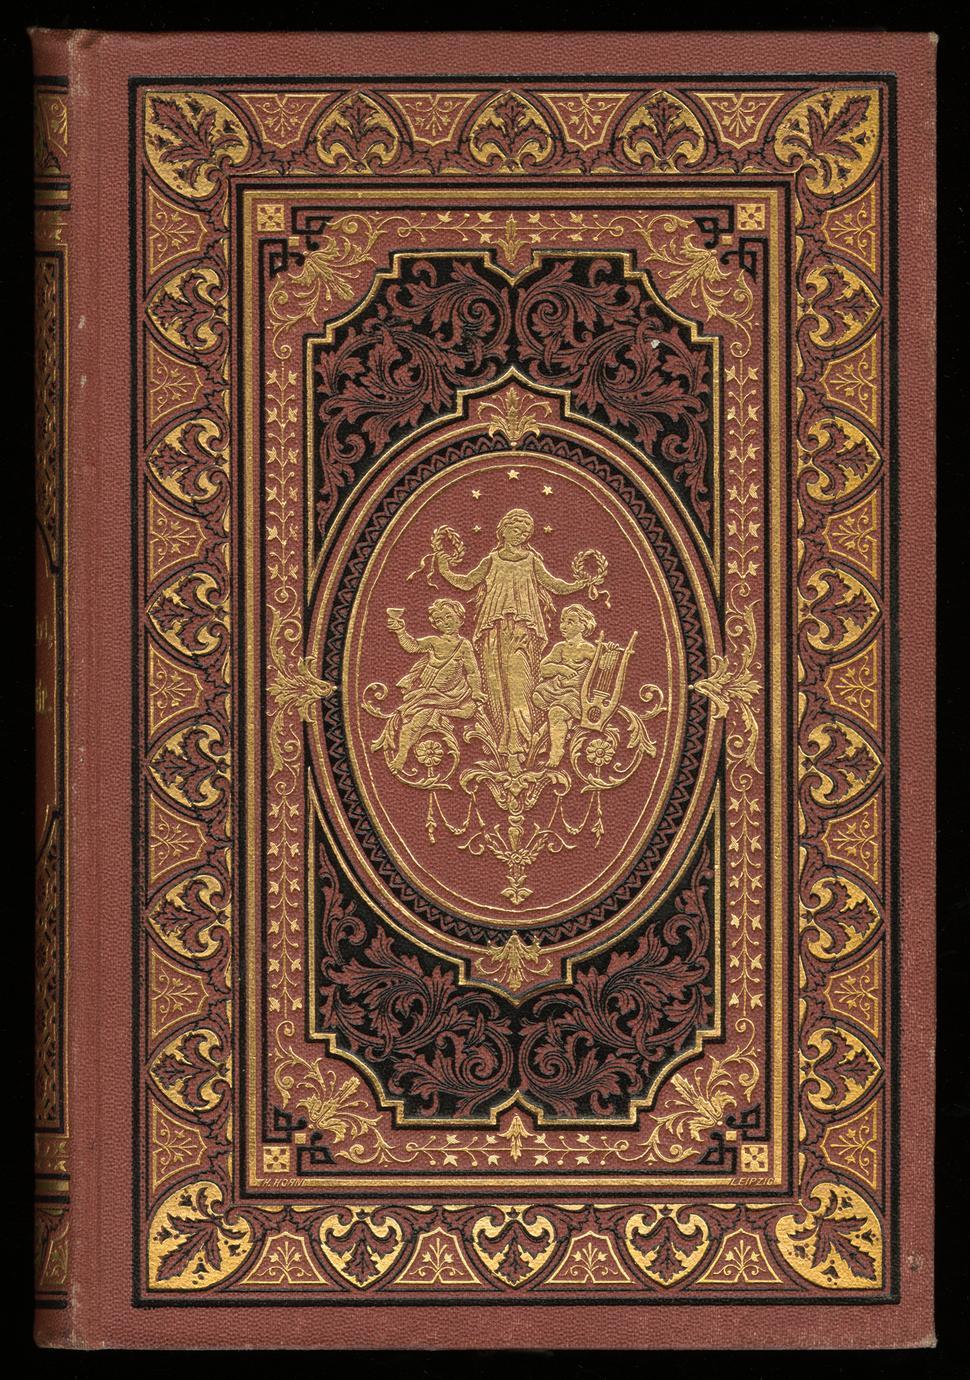 Gedichte von Gottfried Kinkel (1 of 4)